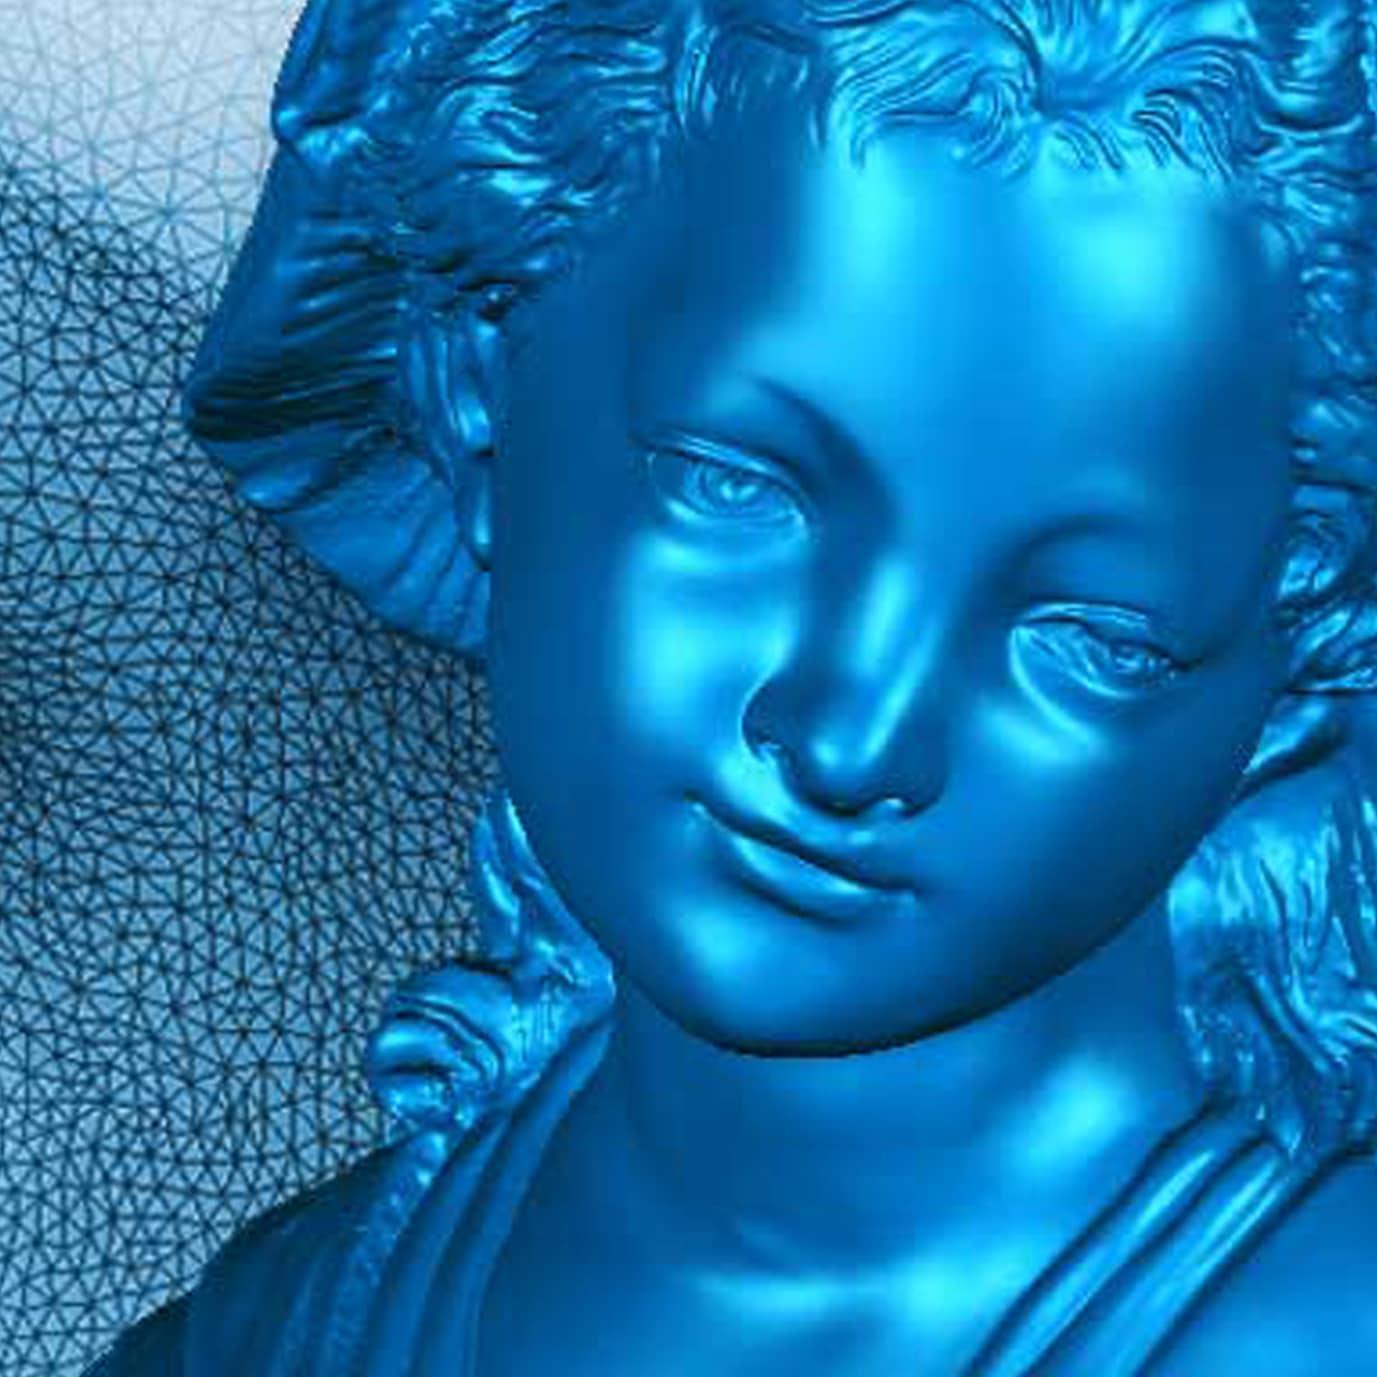 Servizi di Modellazione 3D professionali di V-GER